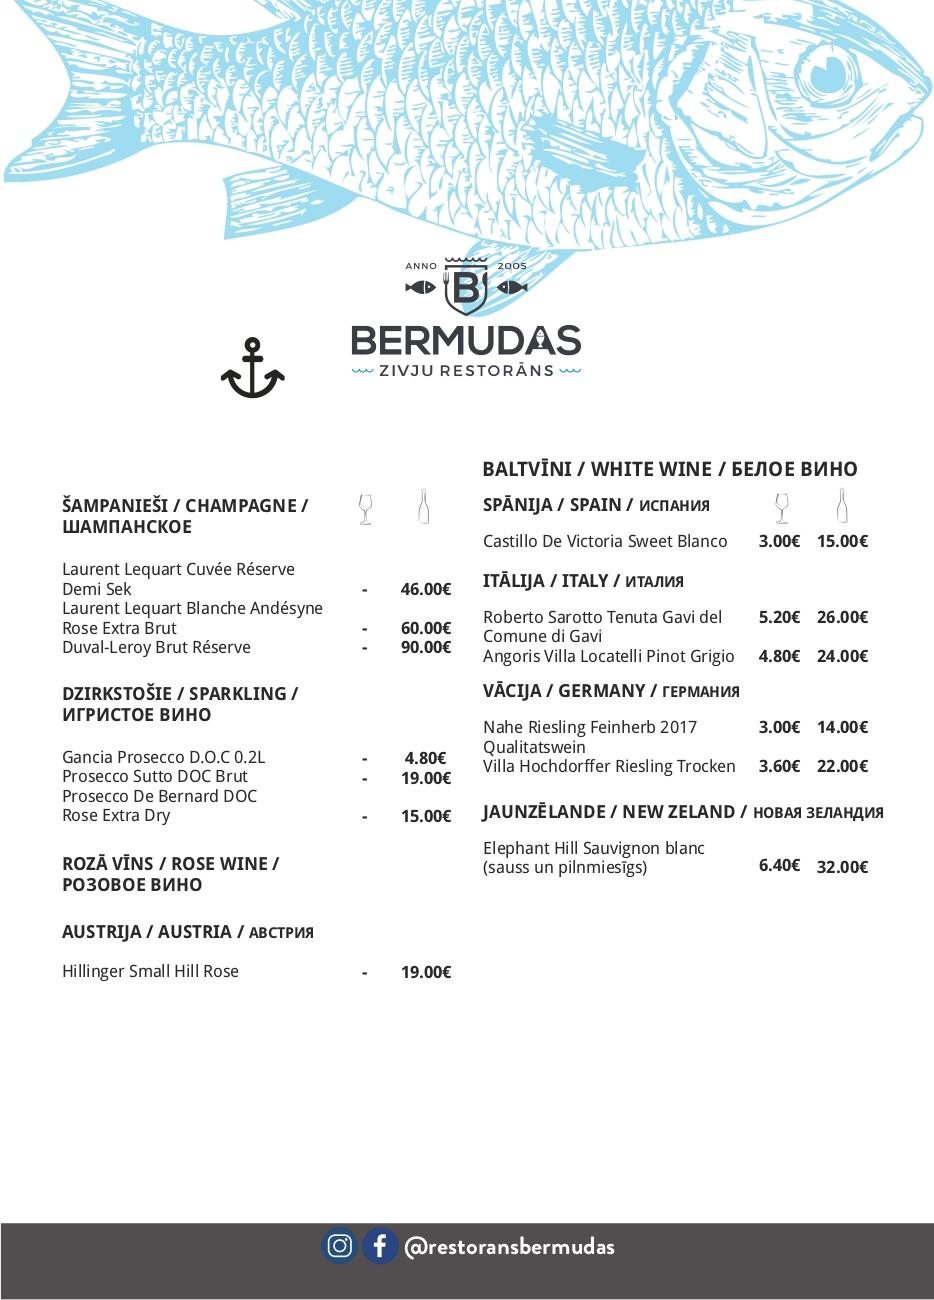 BERMUDAS - edienkarte 2021 - web 1-8_page-0004